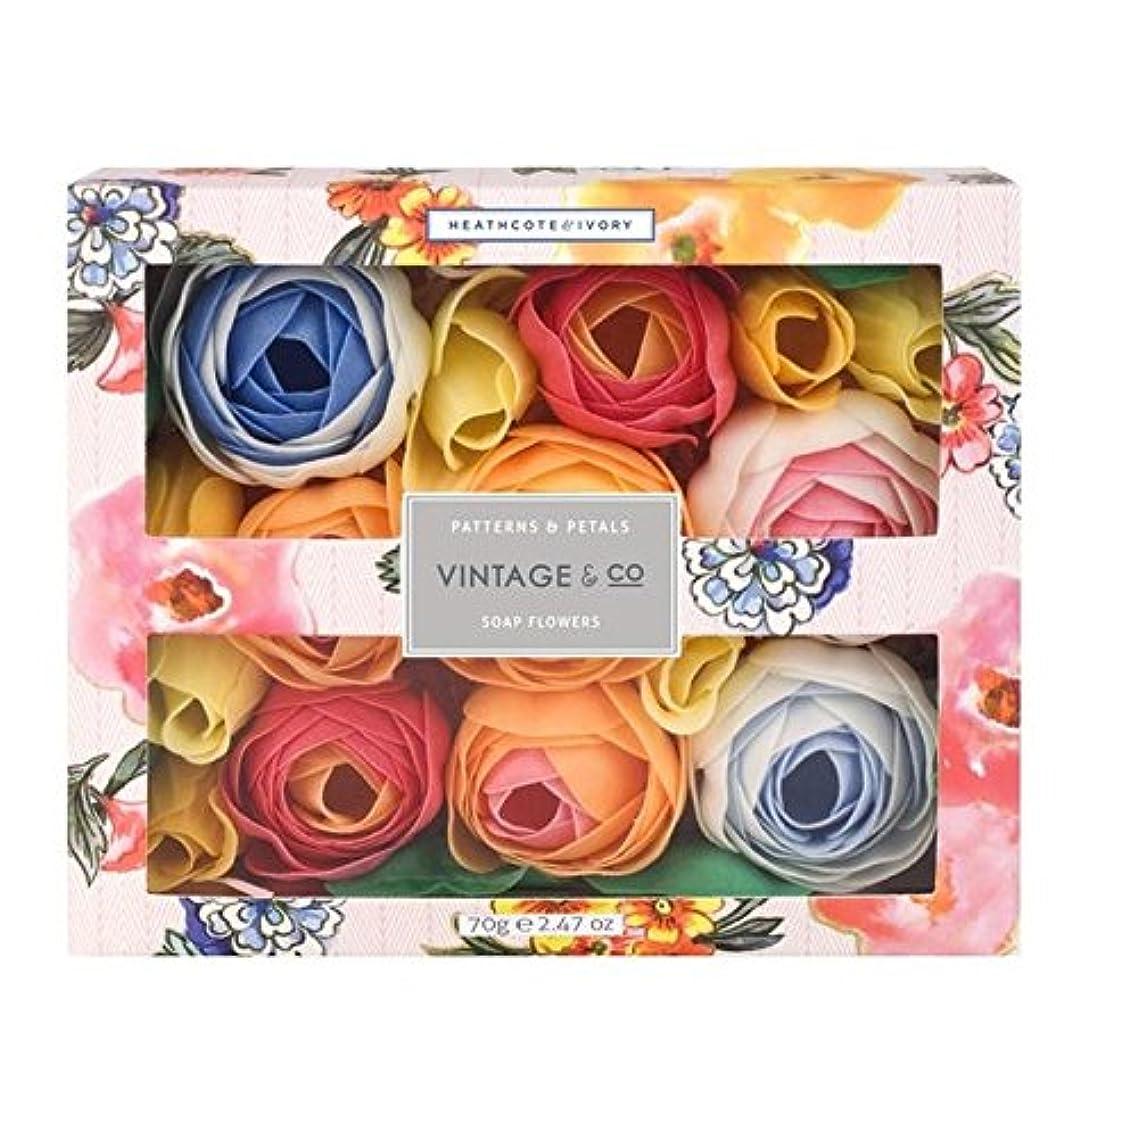 文句を言う機構スラックヒースコート&アイボリーパターン&花びら石鹸の花70グラム x2 - Heathcote & Ivory Patterns & Petals Soap Flowers 70g (Pack of 2) [並行輸入品]